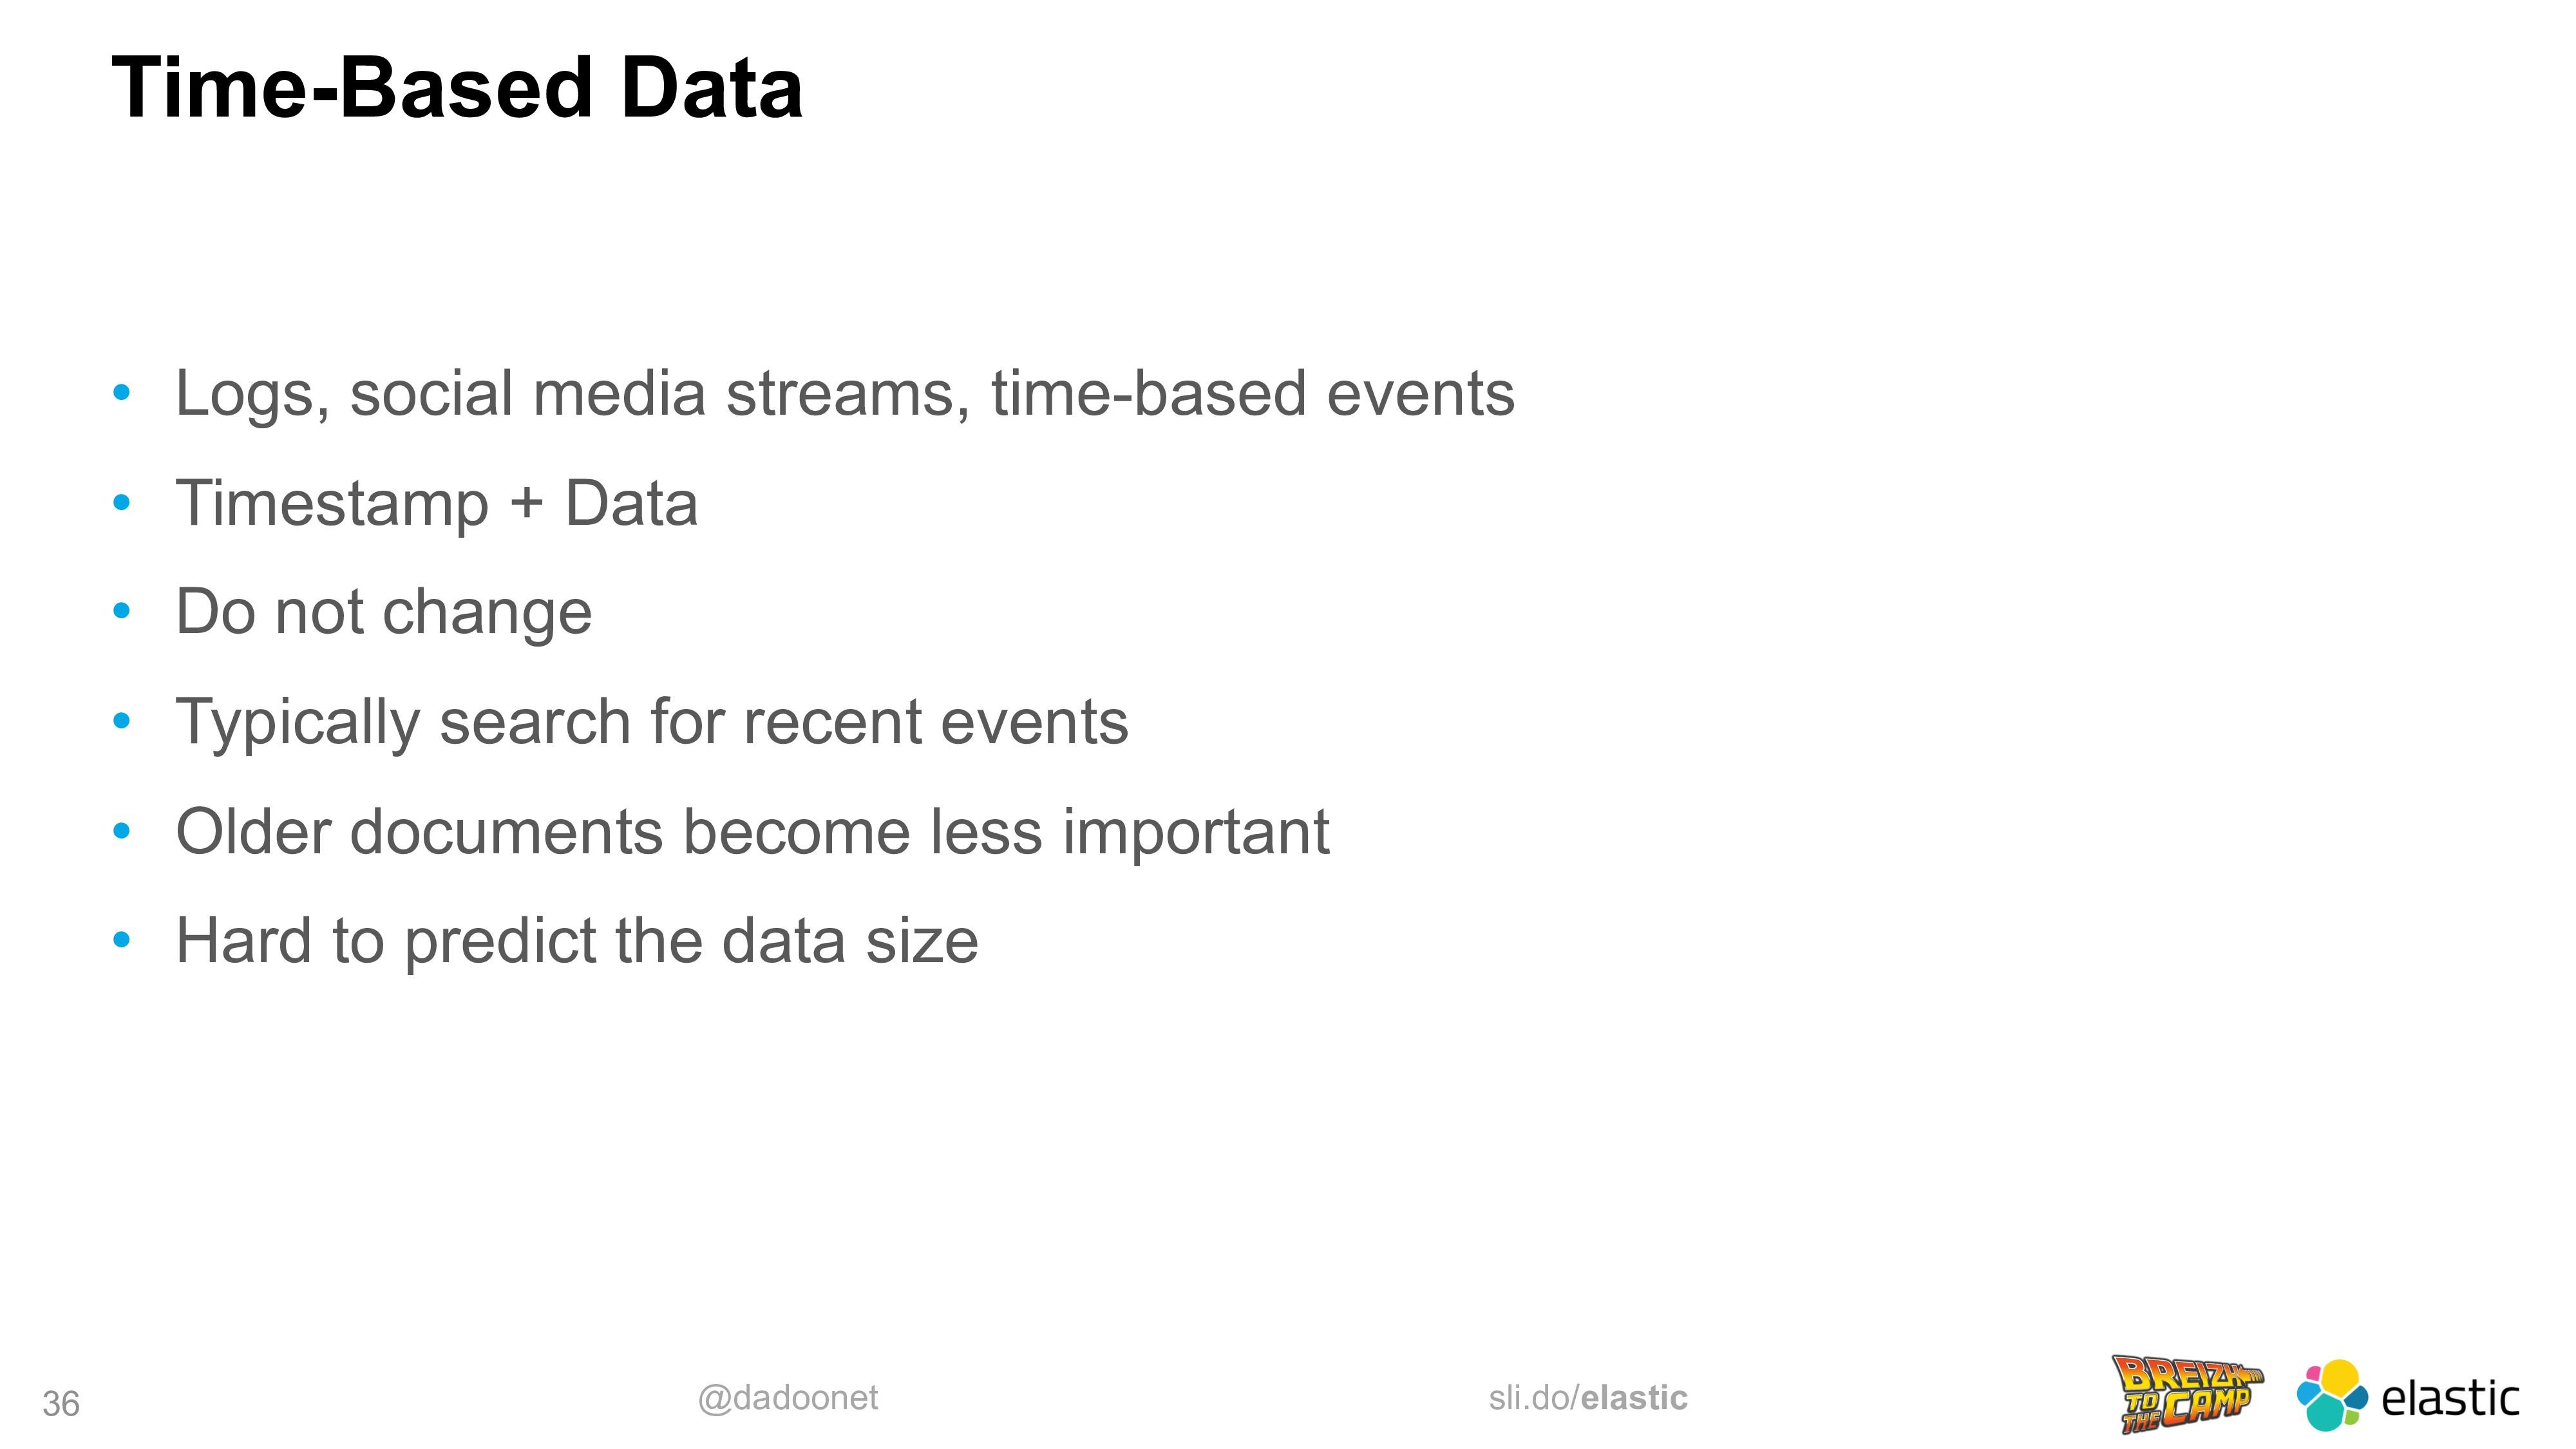 @dadoonet sli.do/elastic 36 Time-Based Data • L...